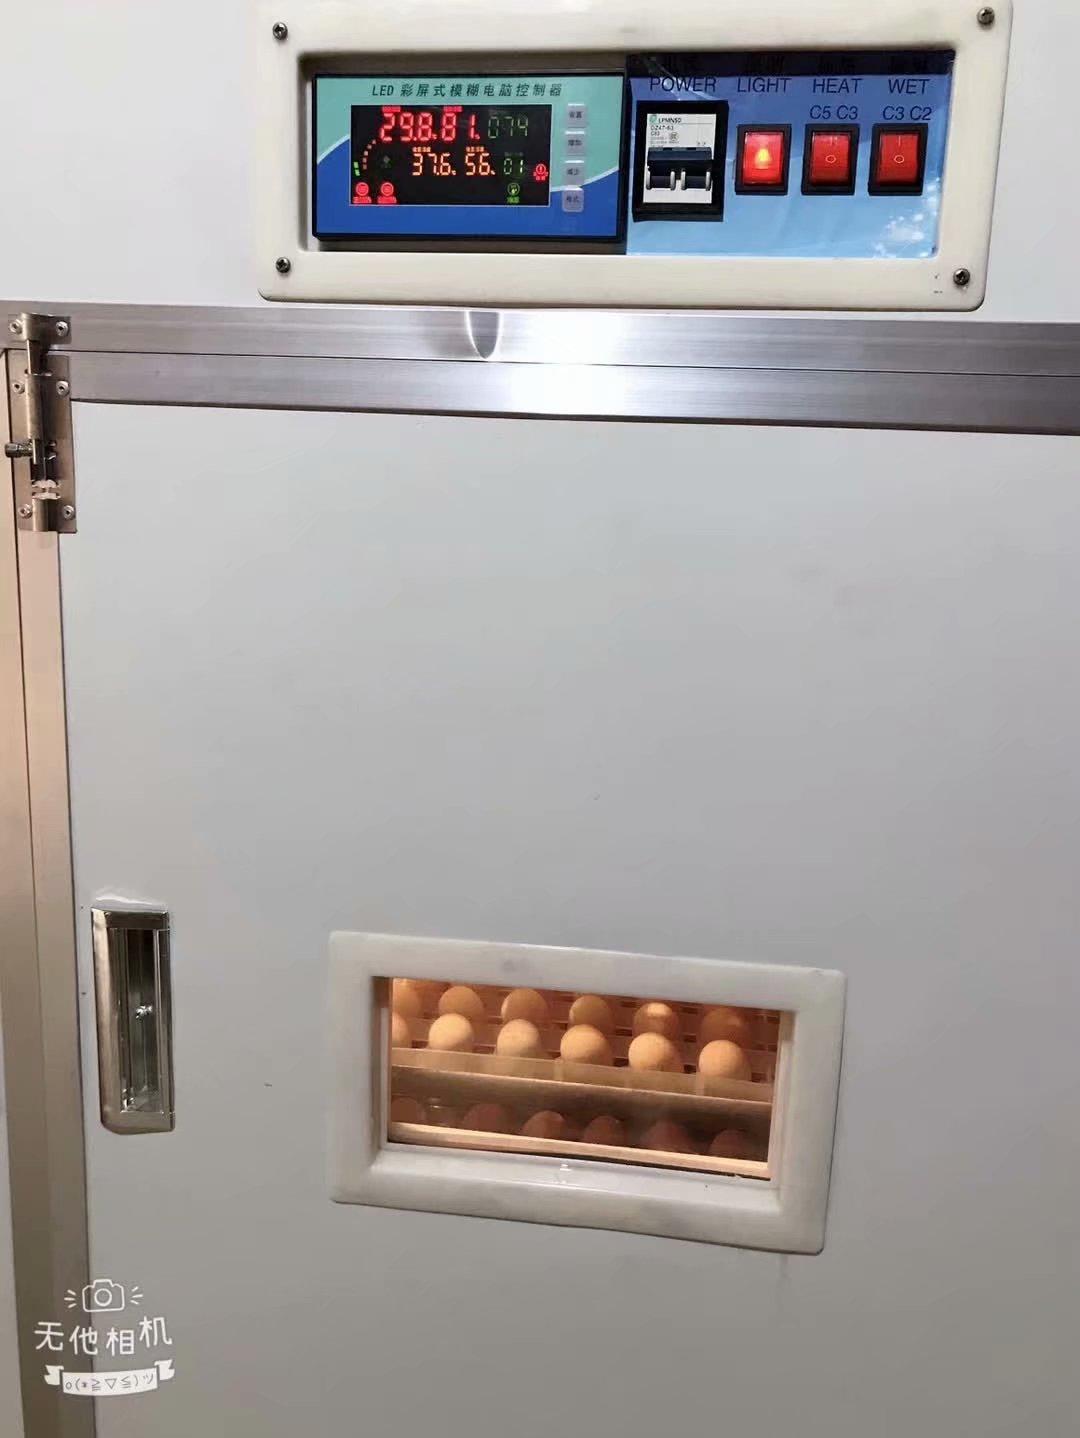 福建鹧鸪鸟开始孵化2688个鹧鸪种蛋进孵化室